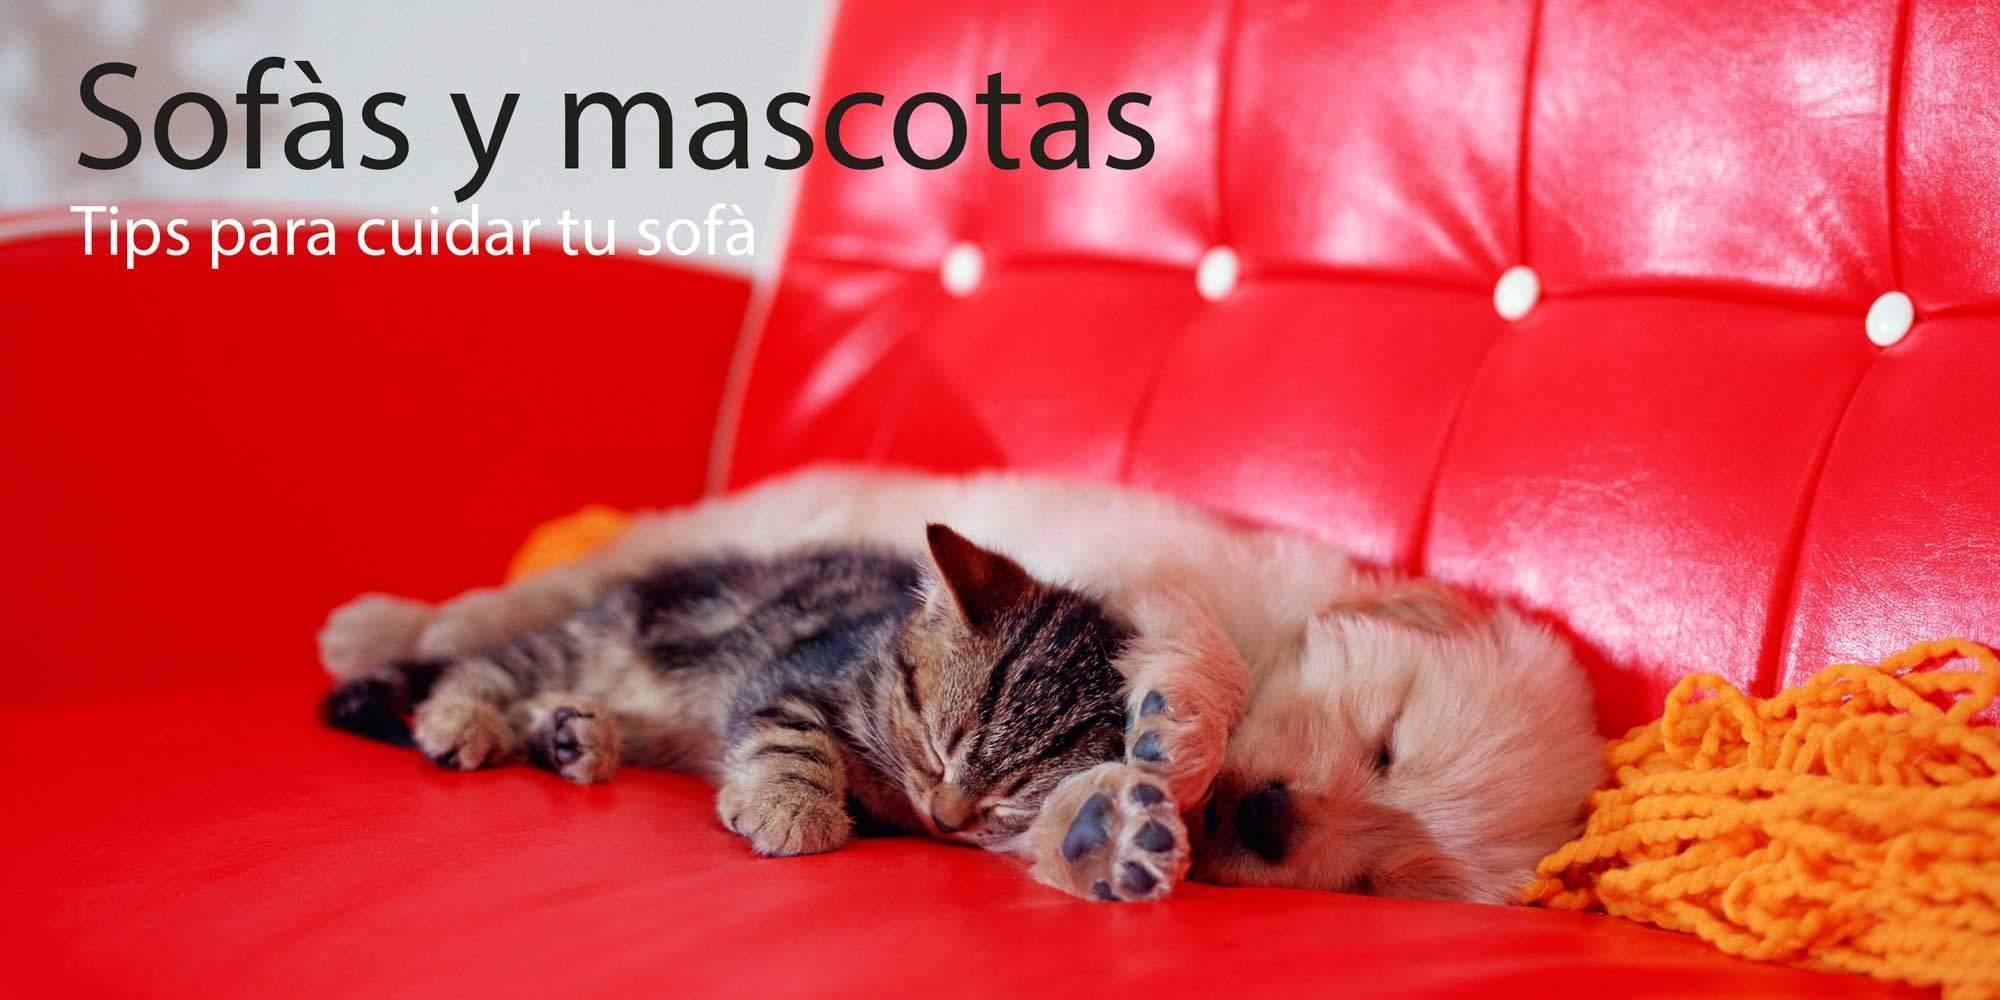 Tendencias 2015 en sof s y decoraci n del hogar living for Decoracion hogar santiago